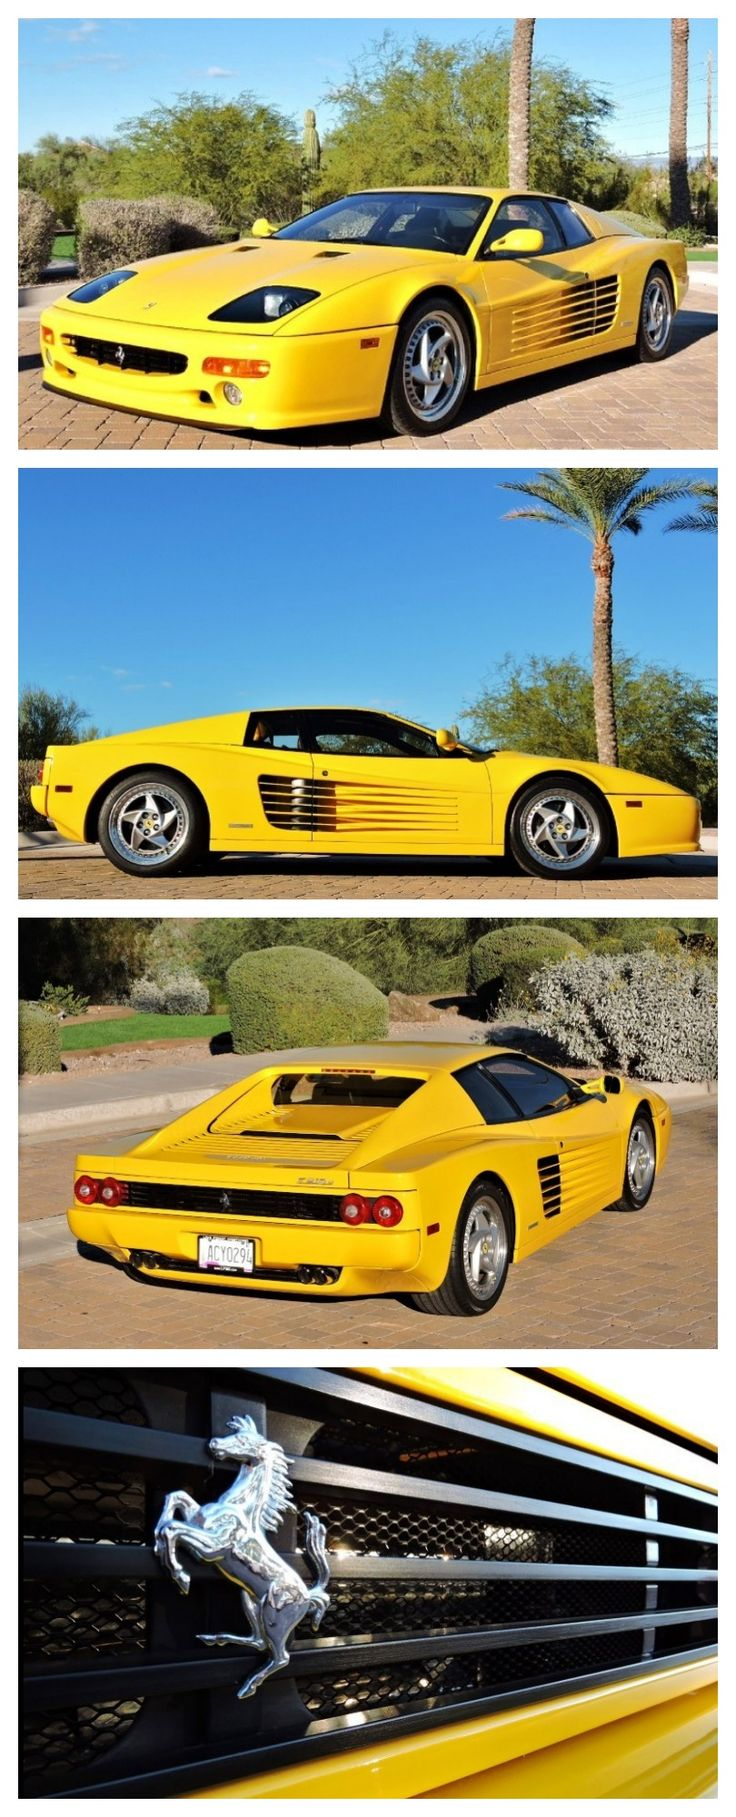 Last of the Testarossa's! Check out this super rare Ferrari Testarossa